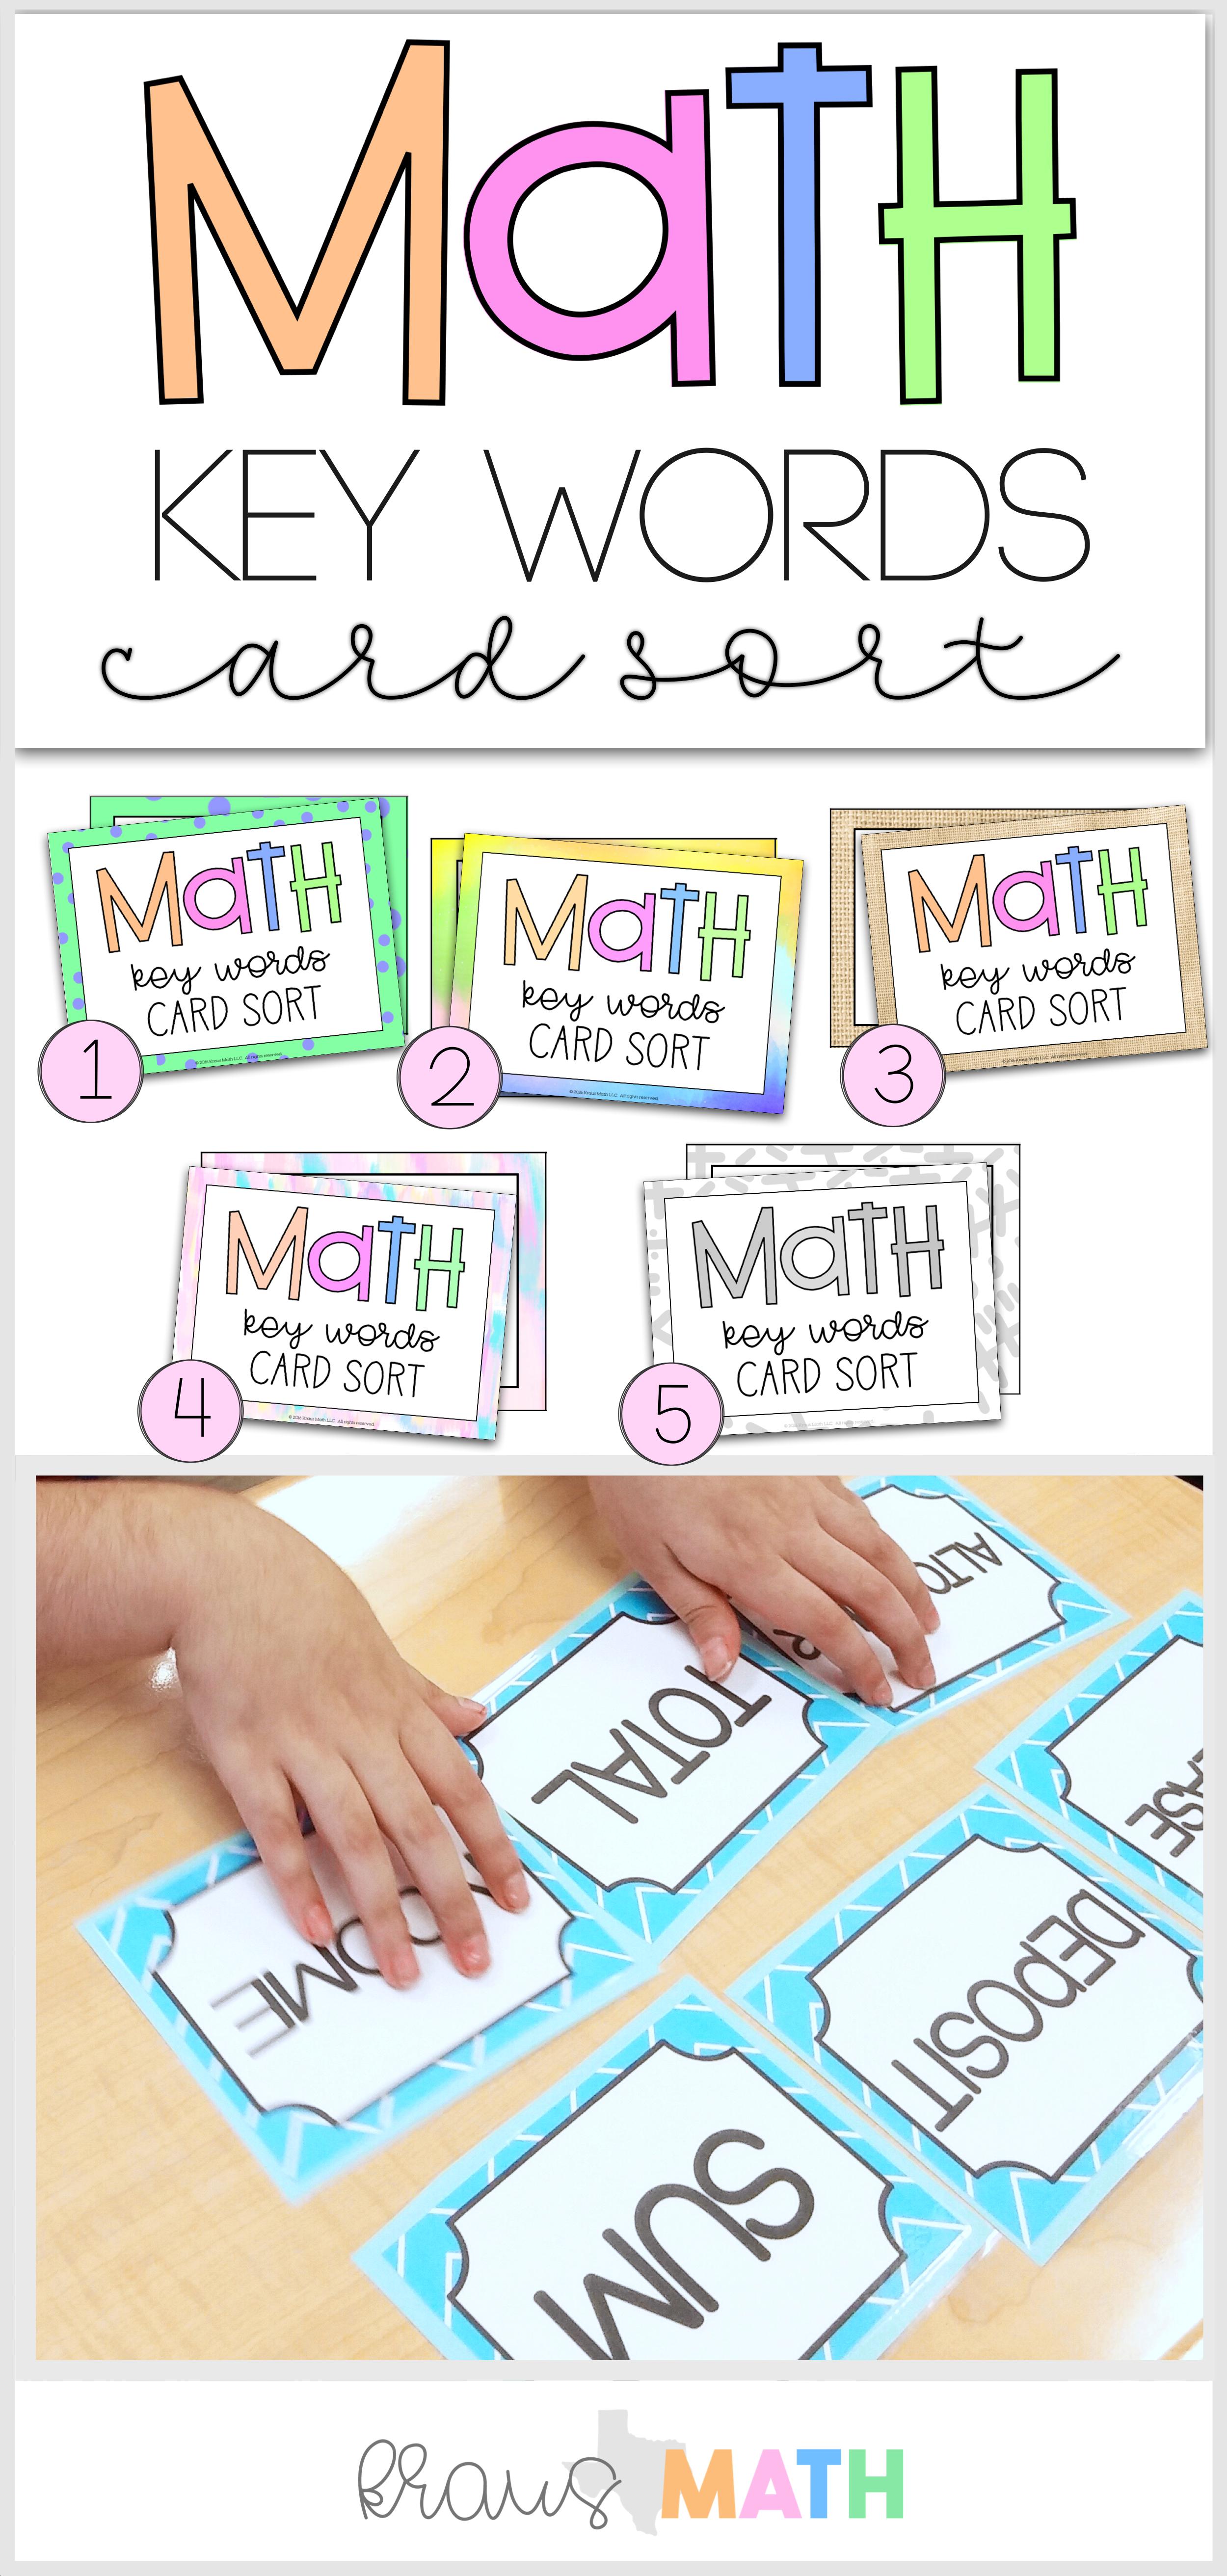 Math Key Words Card Sort Math Key Words